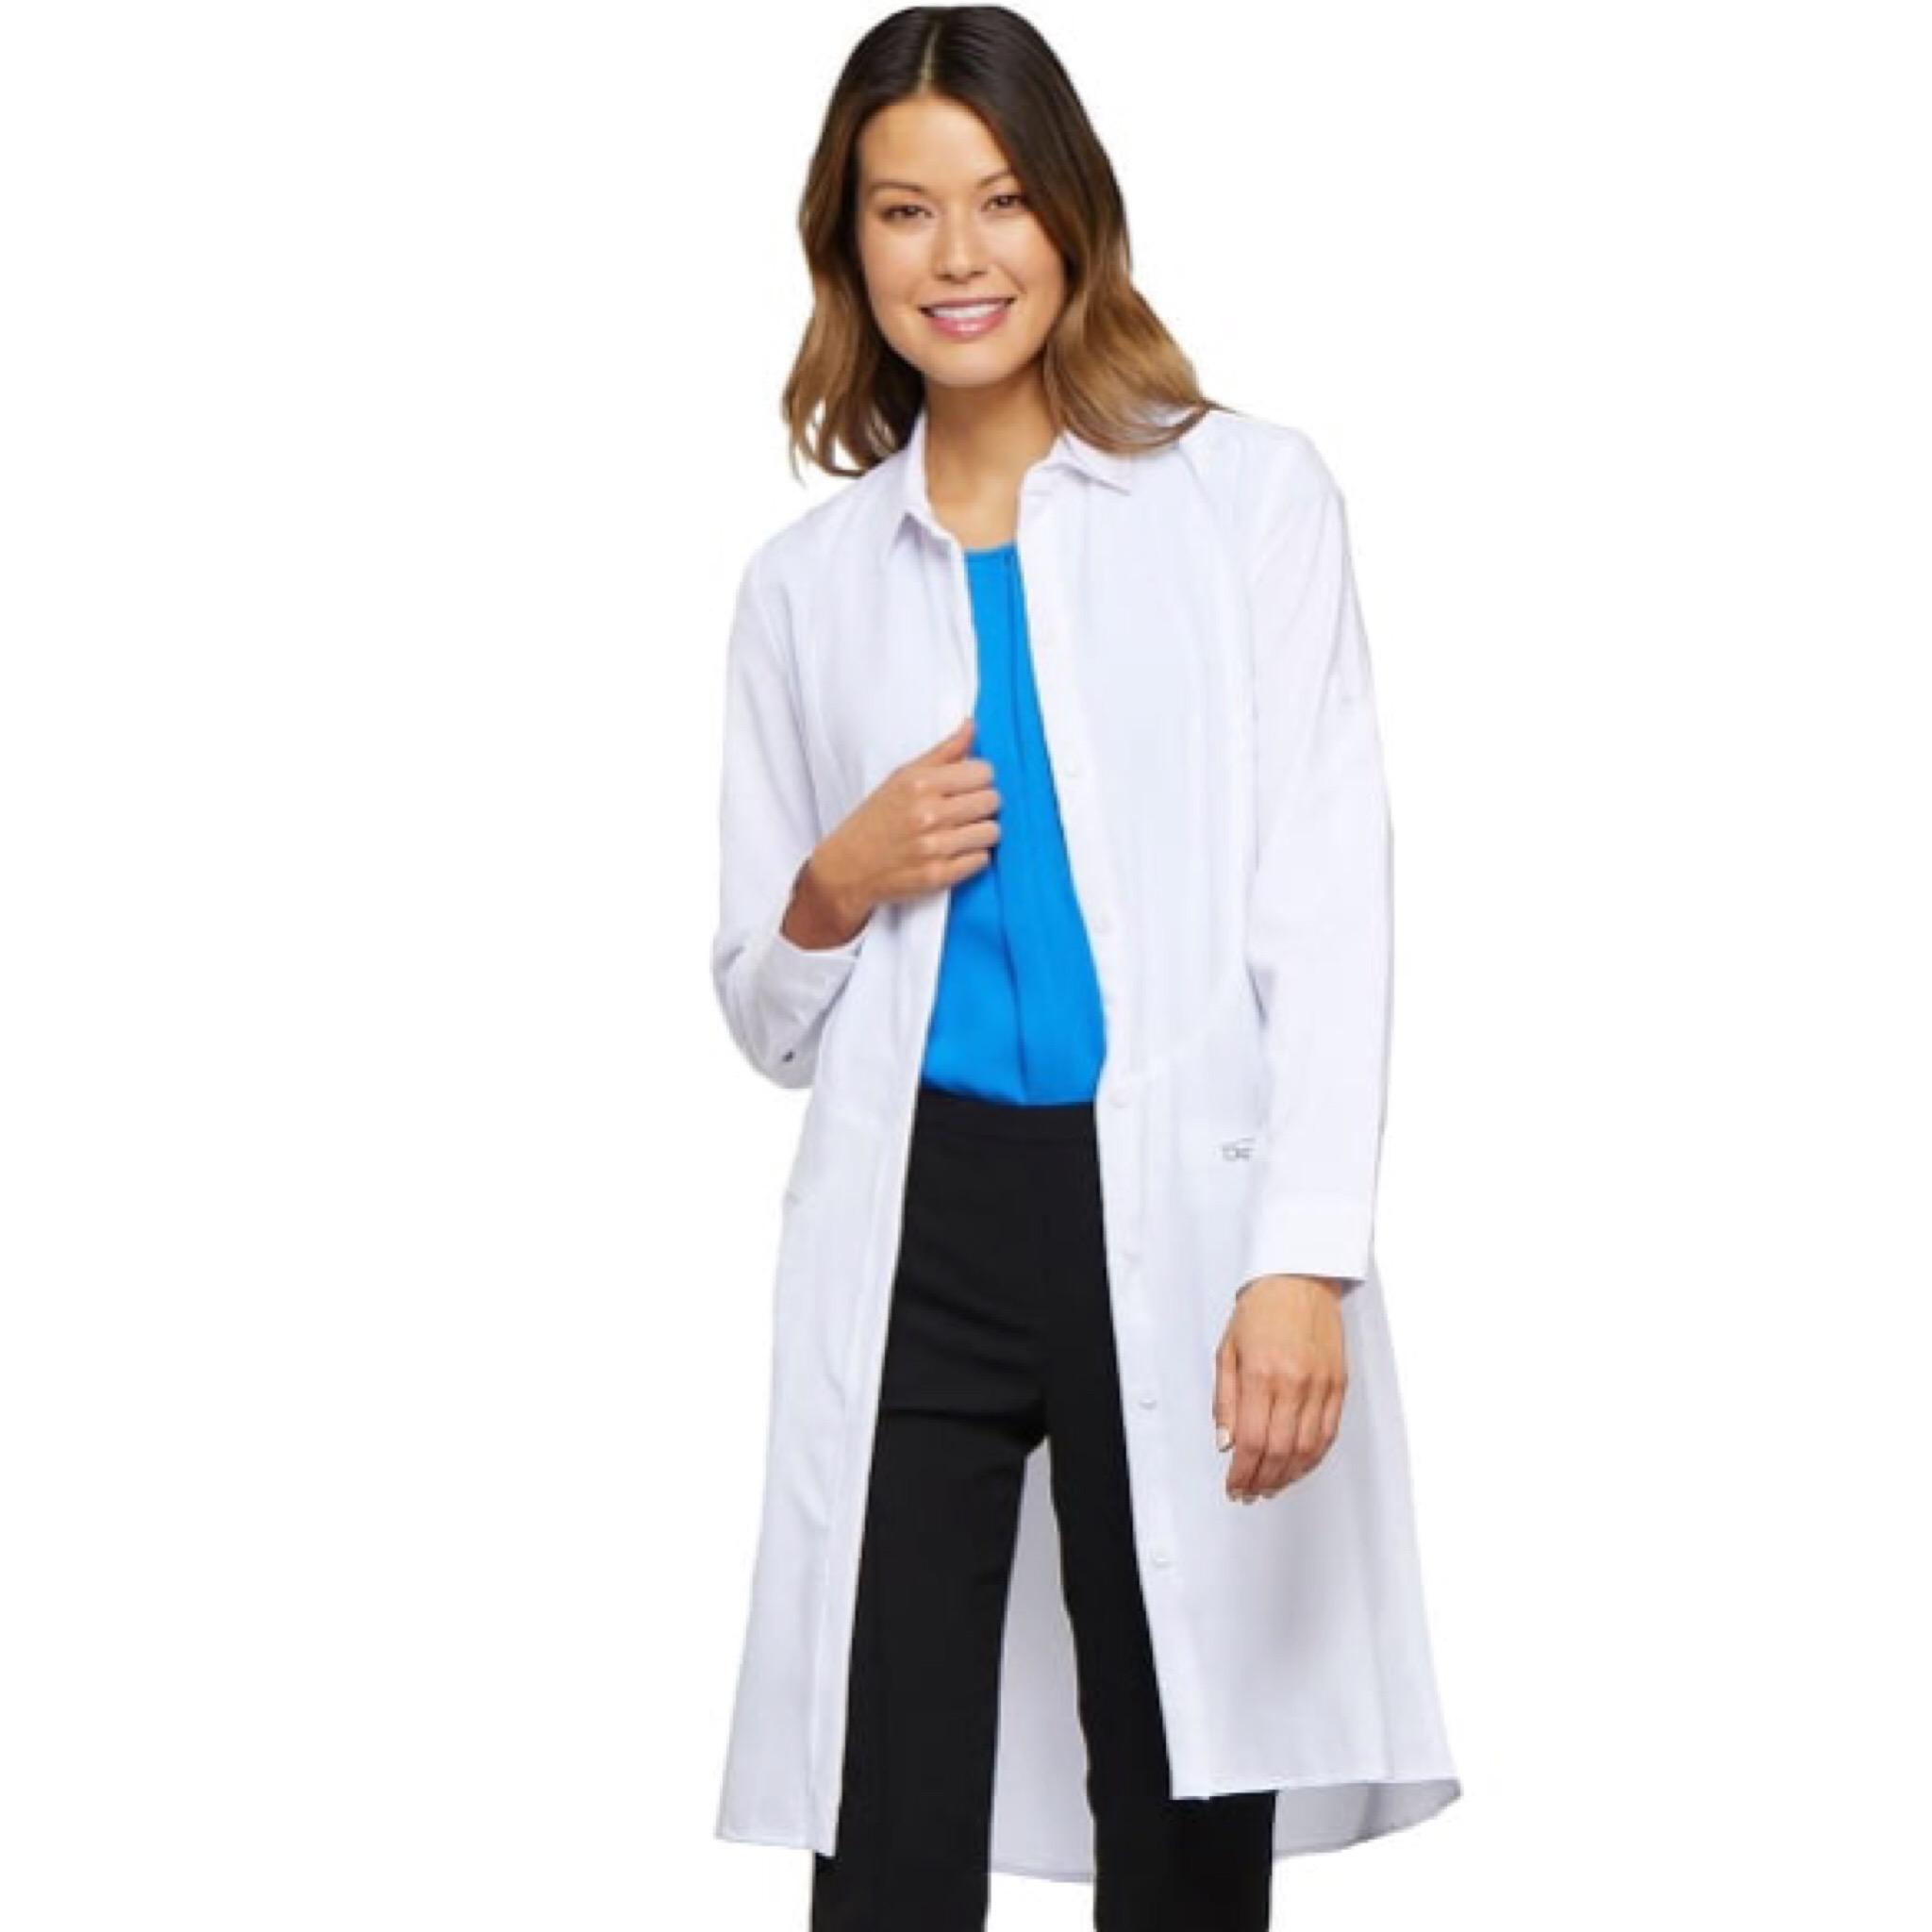 نکات بهداشتی برای روپوش پزشکی